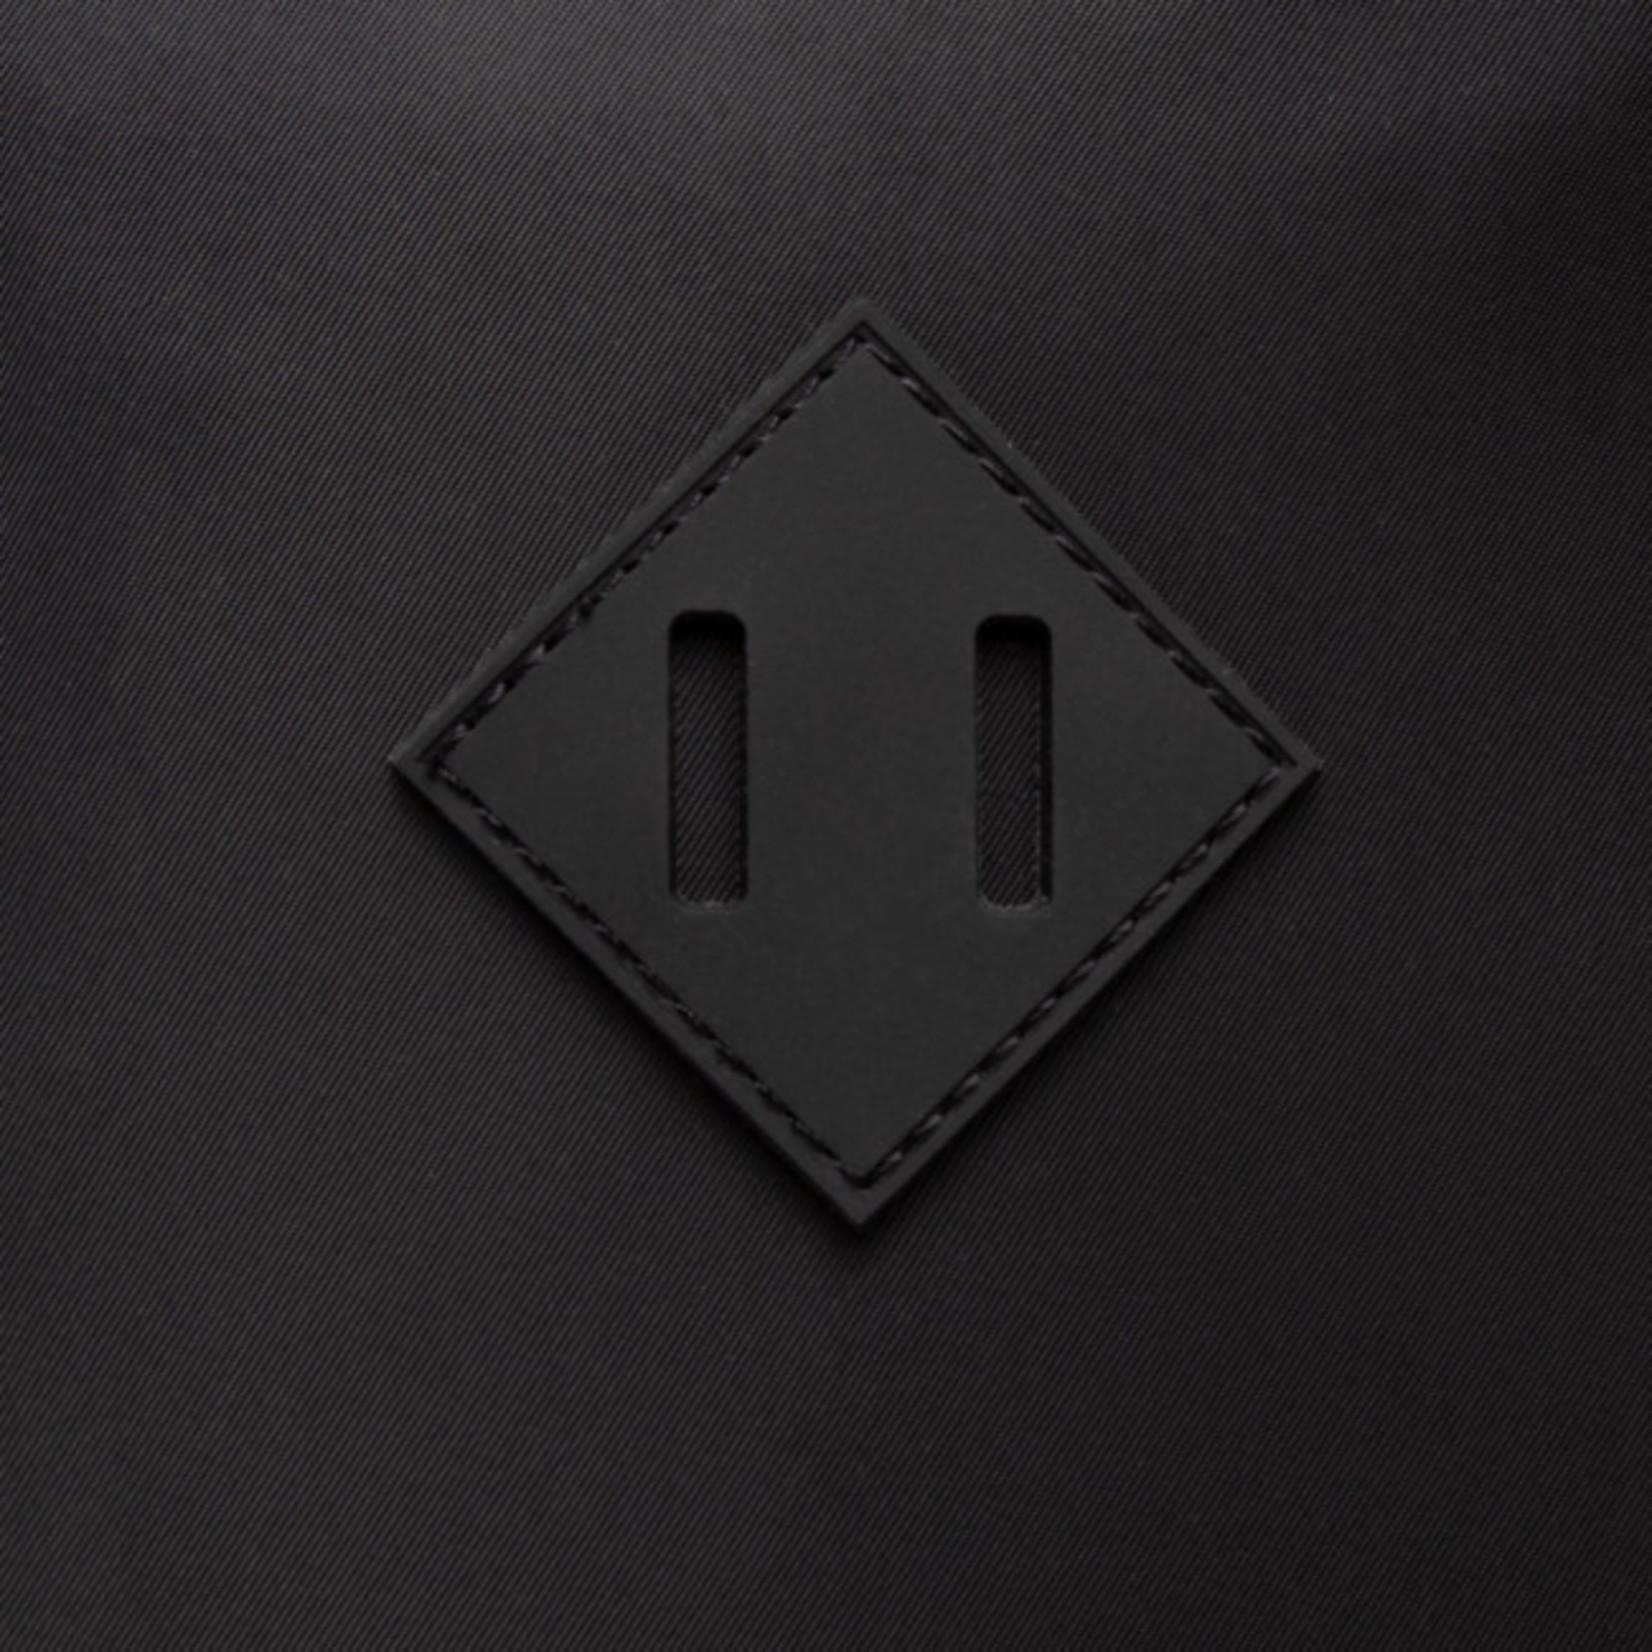 VERSACE JEANS COUTURE VERSACE JEANS COUTURE - BACKPACK E1YWAB10 - BLACK